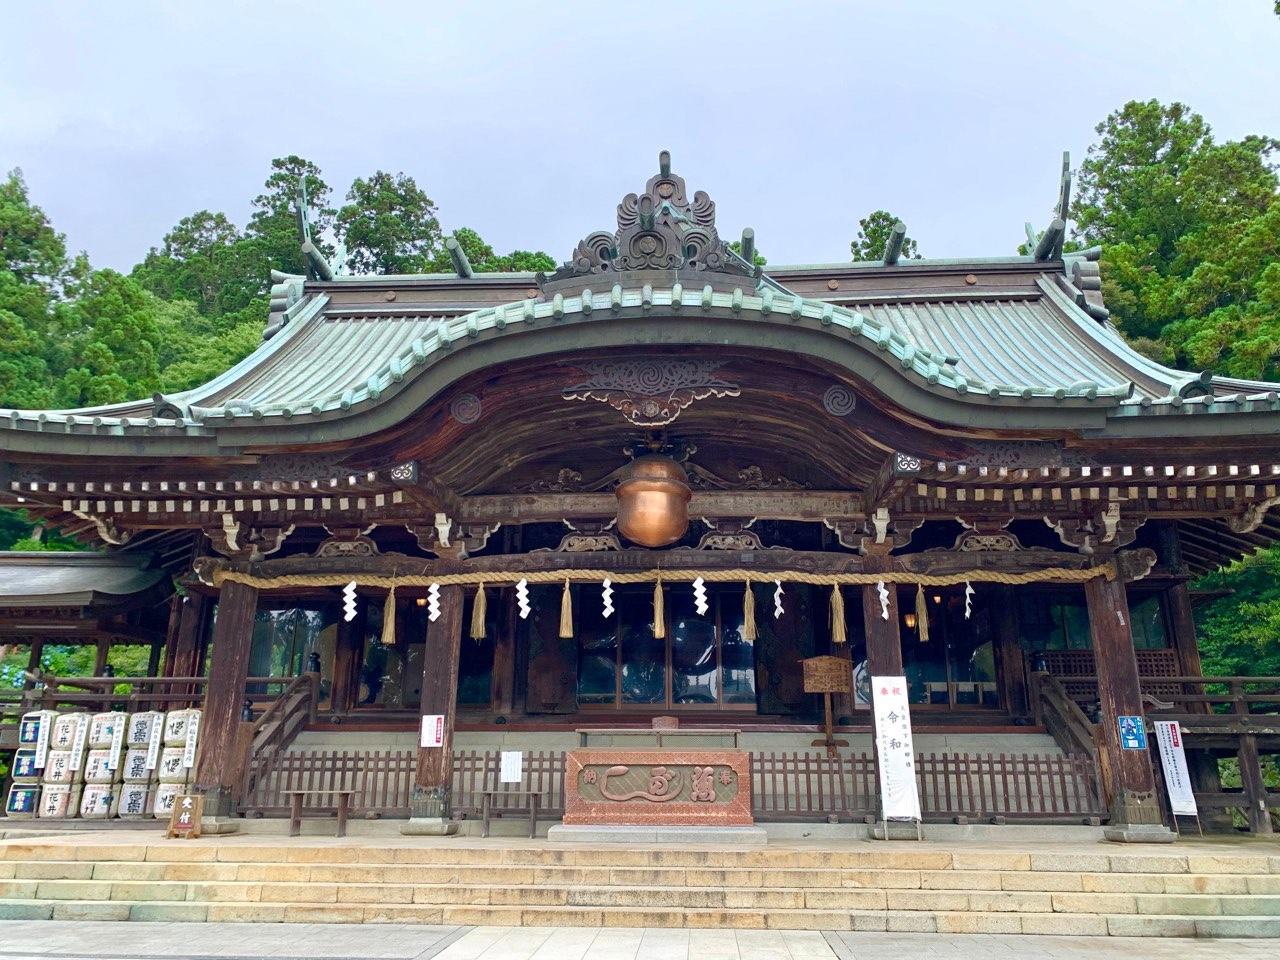 パワースポット㉗筑波山神社(茨城県つくば市)